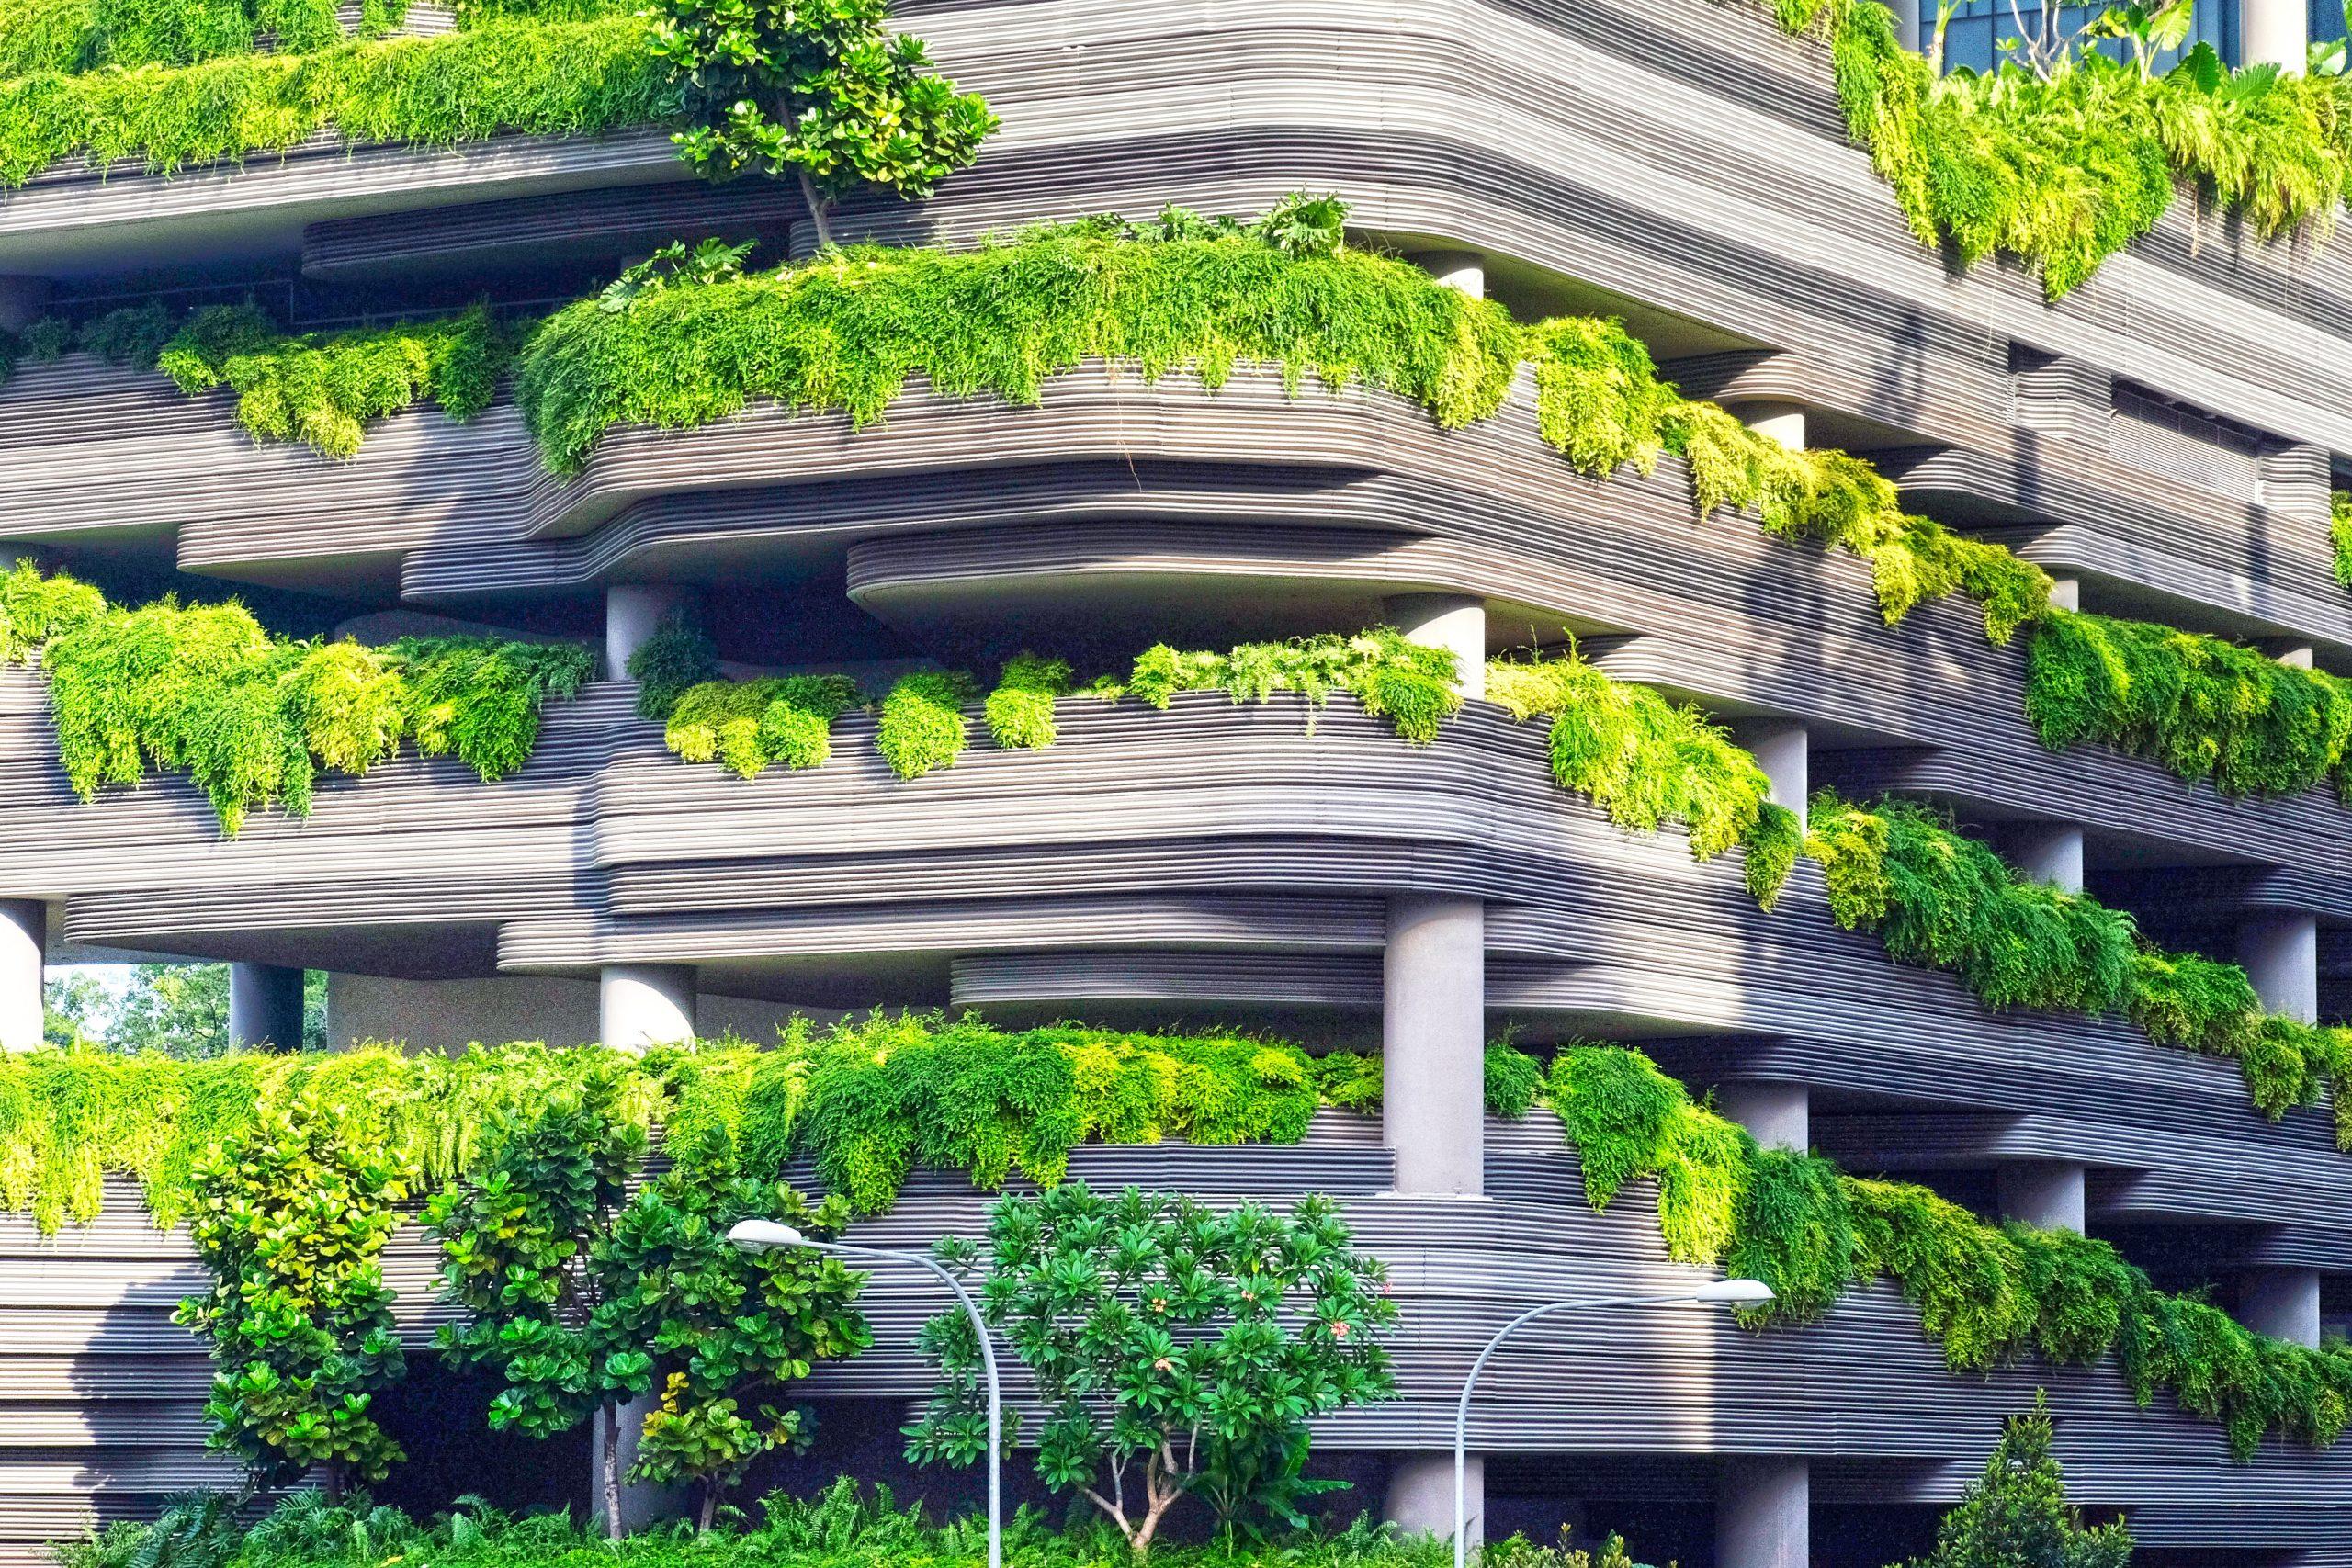 Ciudad verde